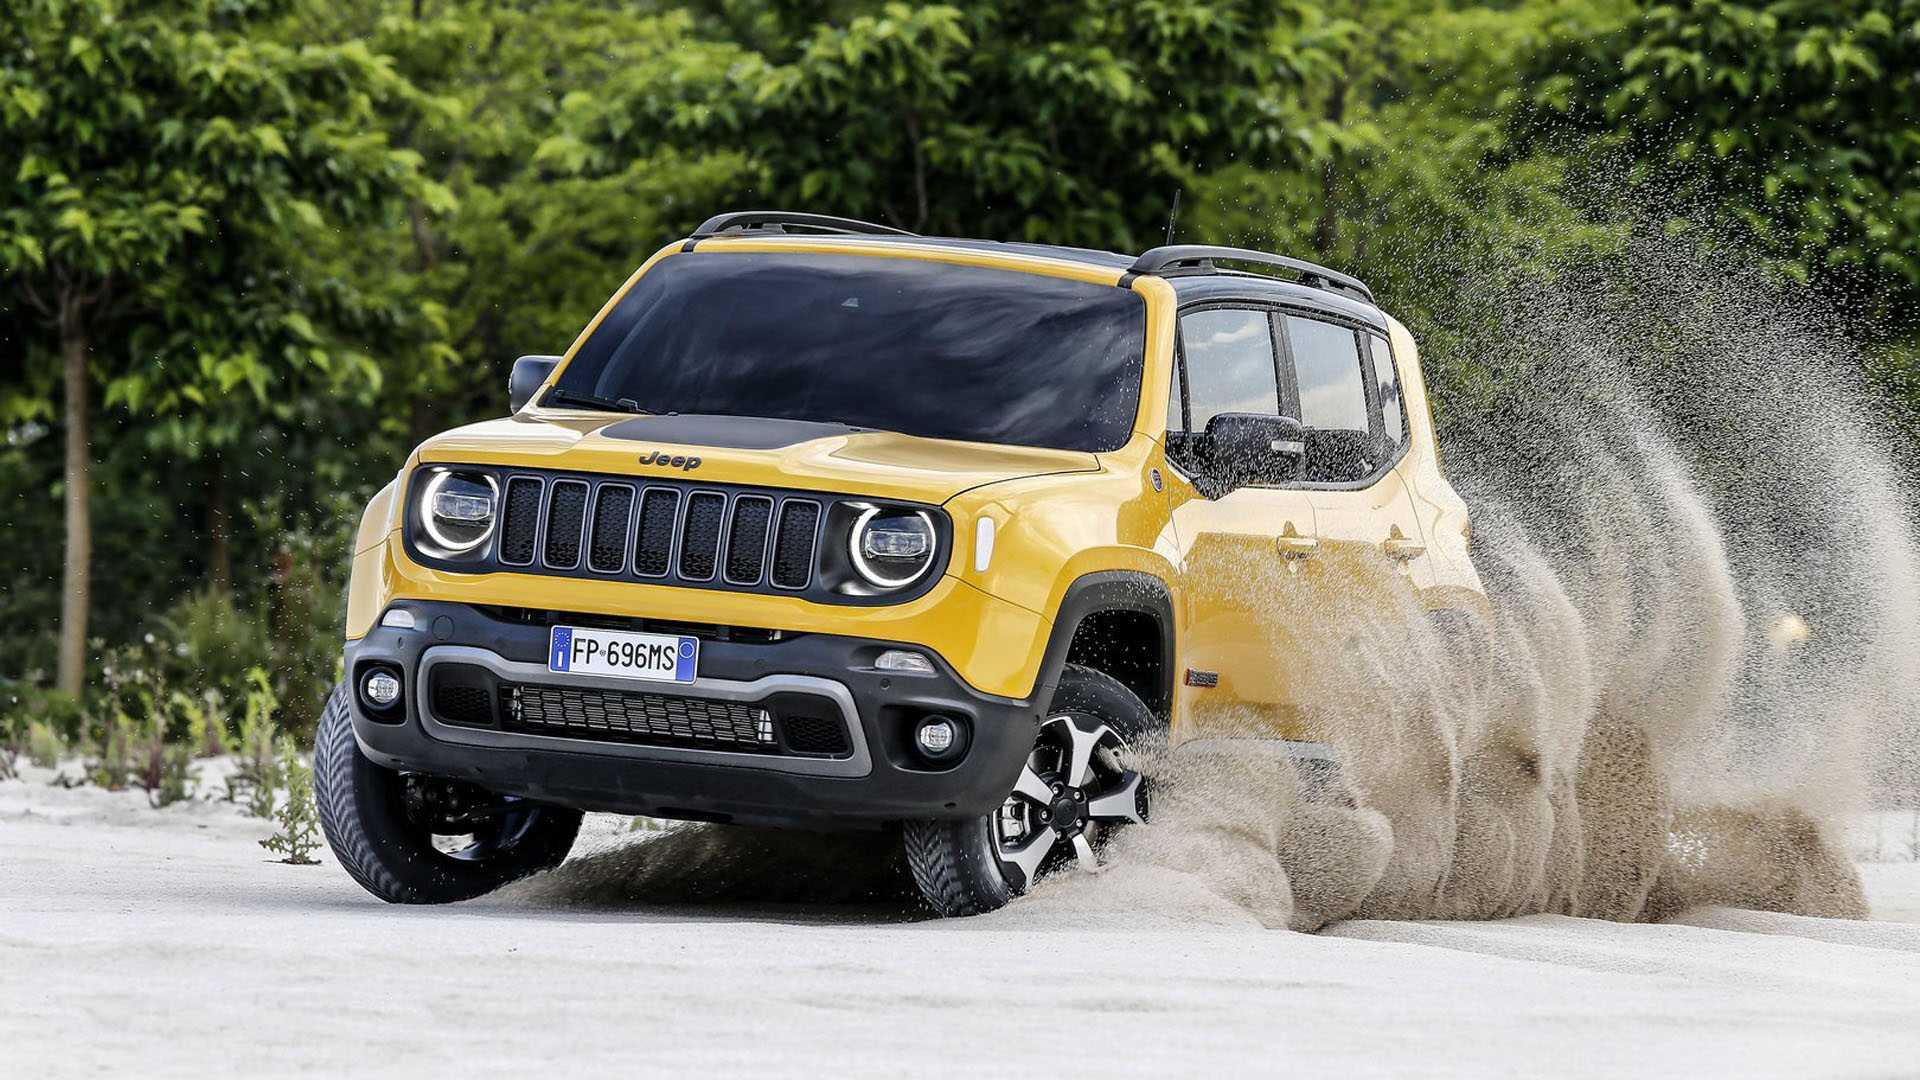 El Jeep Renegade híbrido enchufable llegará en 2020